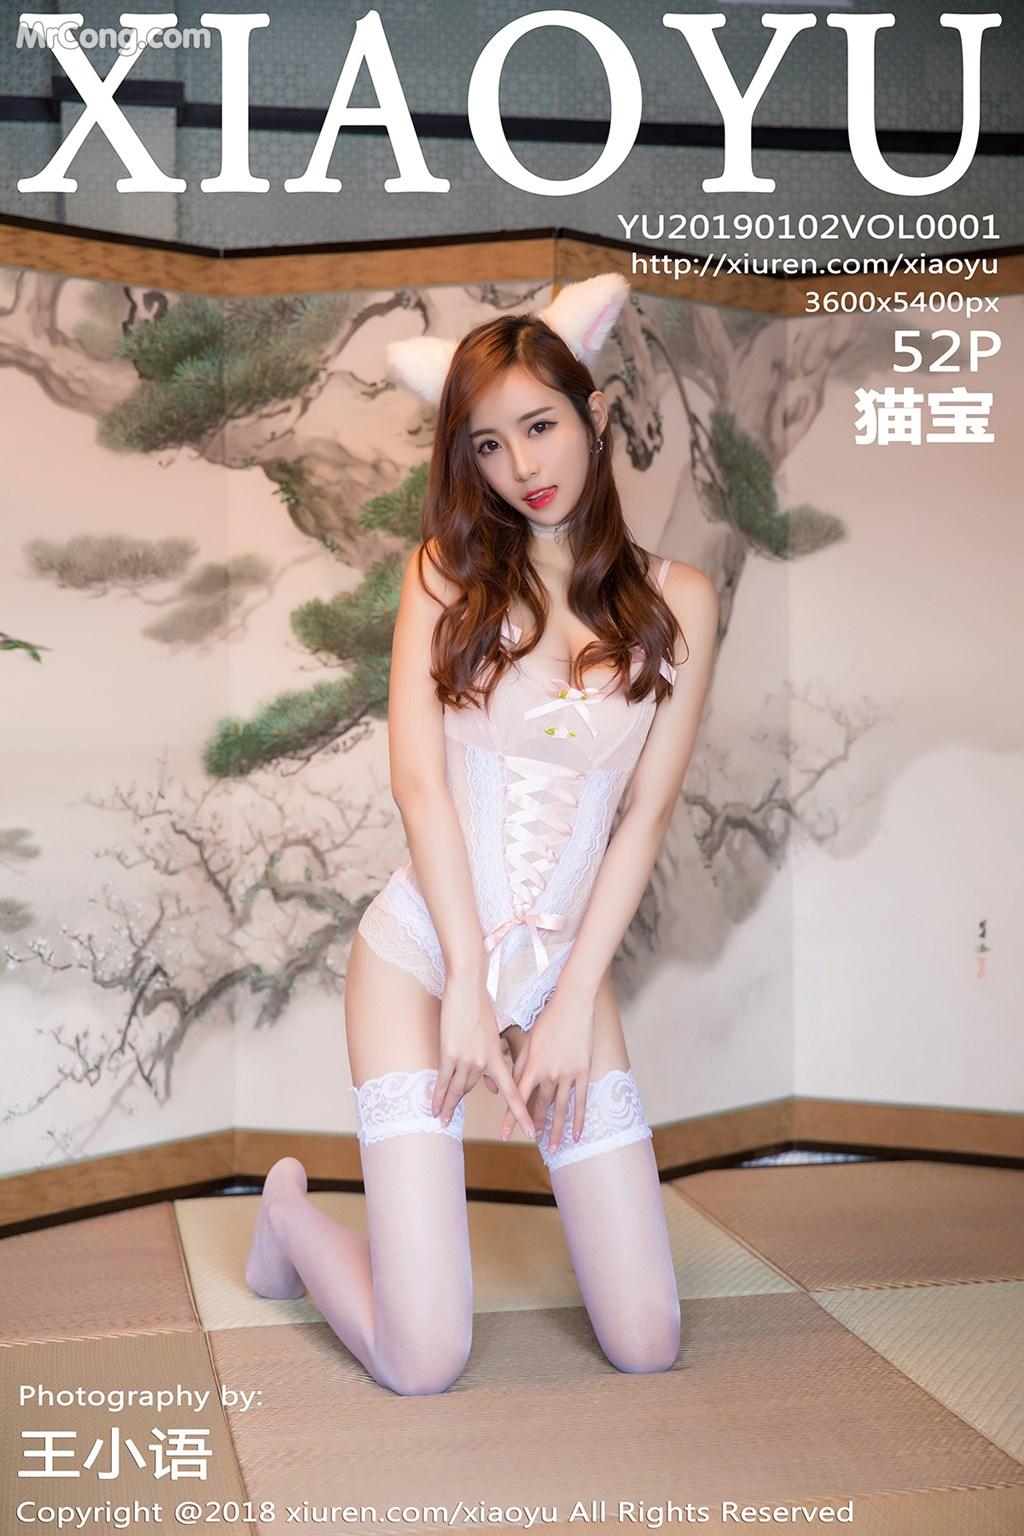 XiaoYu Vol.001: Người mẫu Mao Bao (猫宝) (53 ảnh)